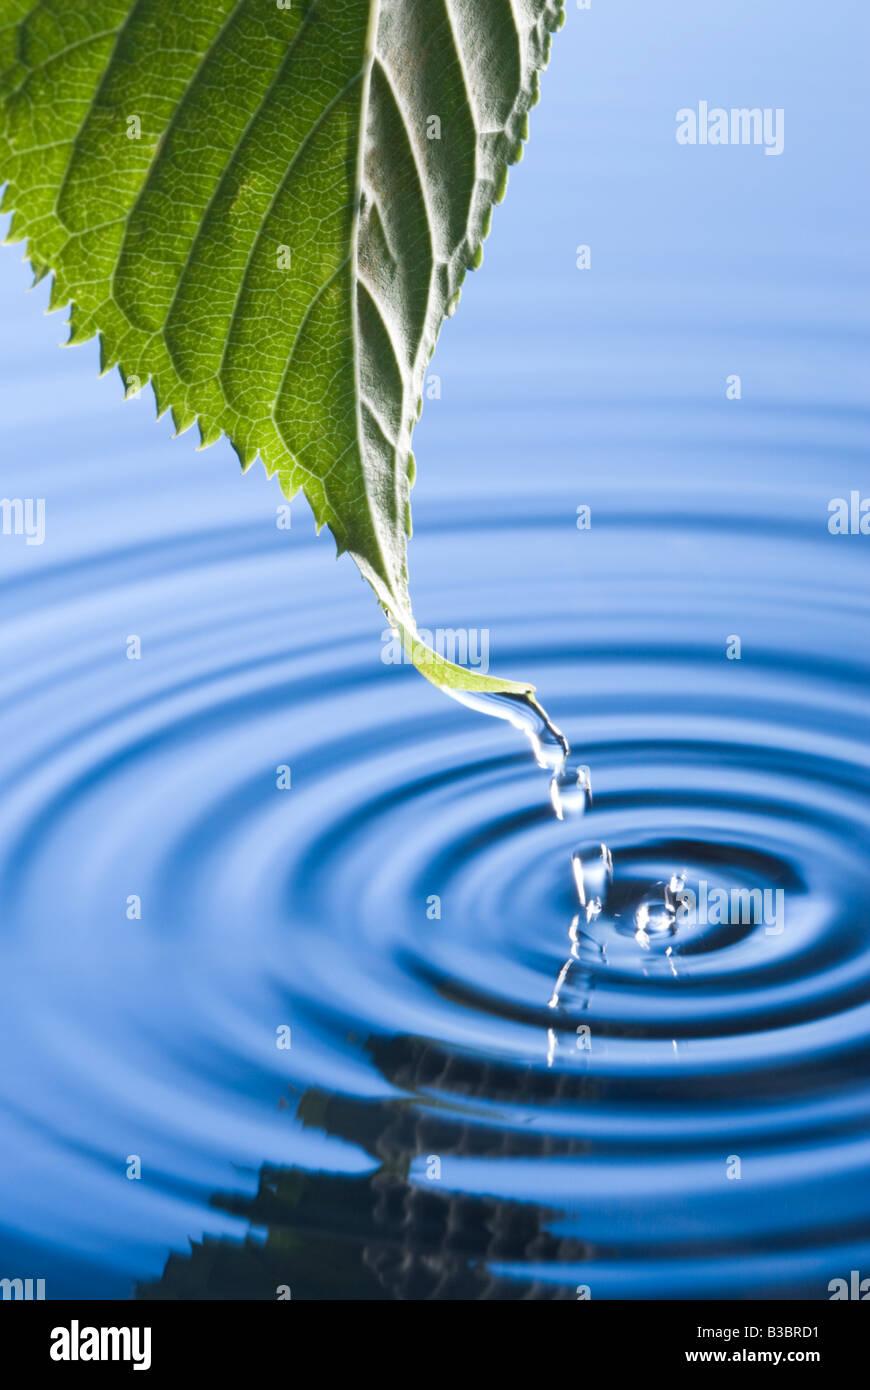 Las gotas de agua cayendo desde la hoja causando ondulaciones. Floración de las hojas de los árboles de Imagen De Stock